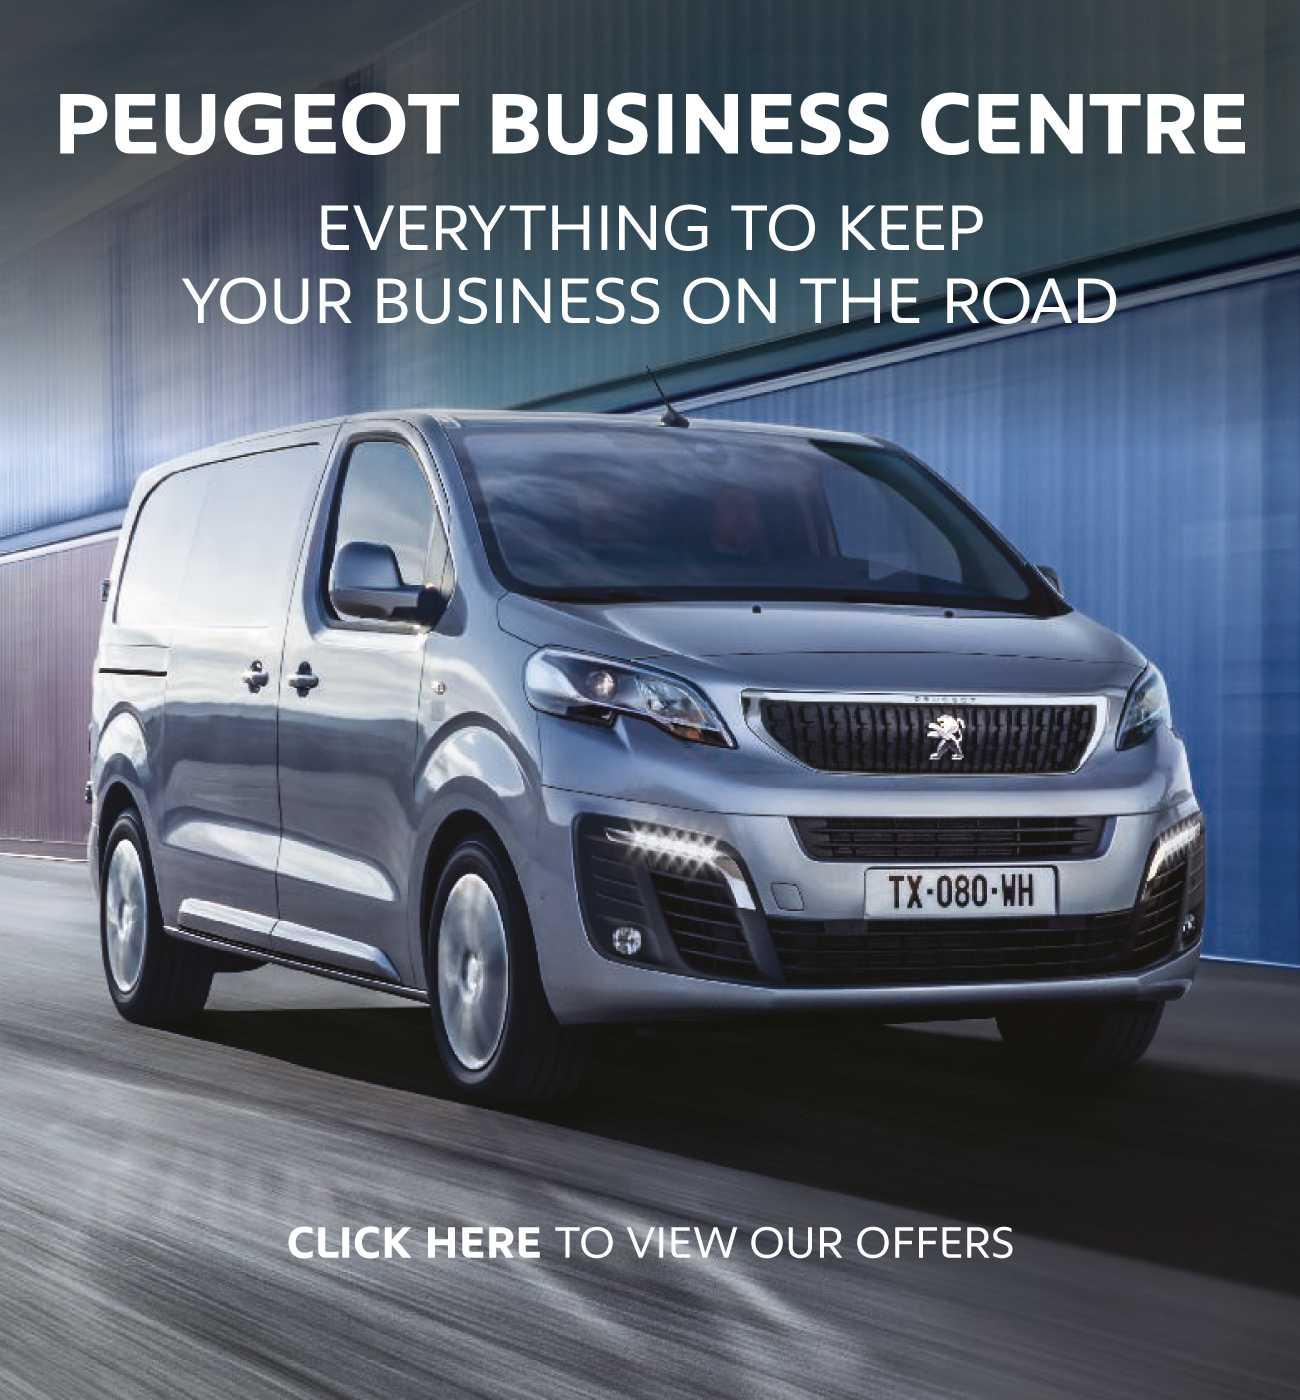 bd9c46f2a2 BSM  Peugeot Generic  Peugeot Business Centre